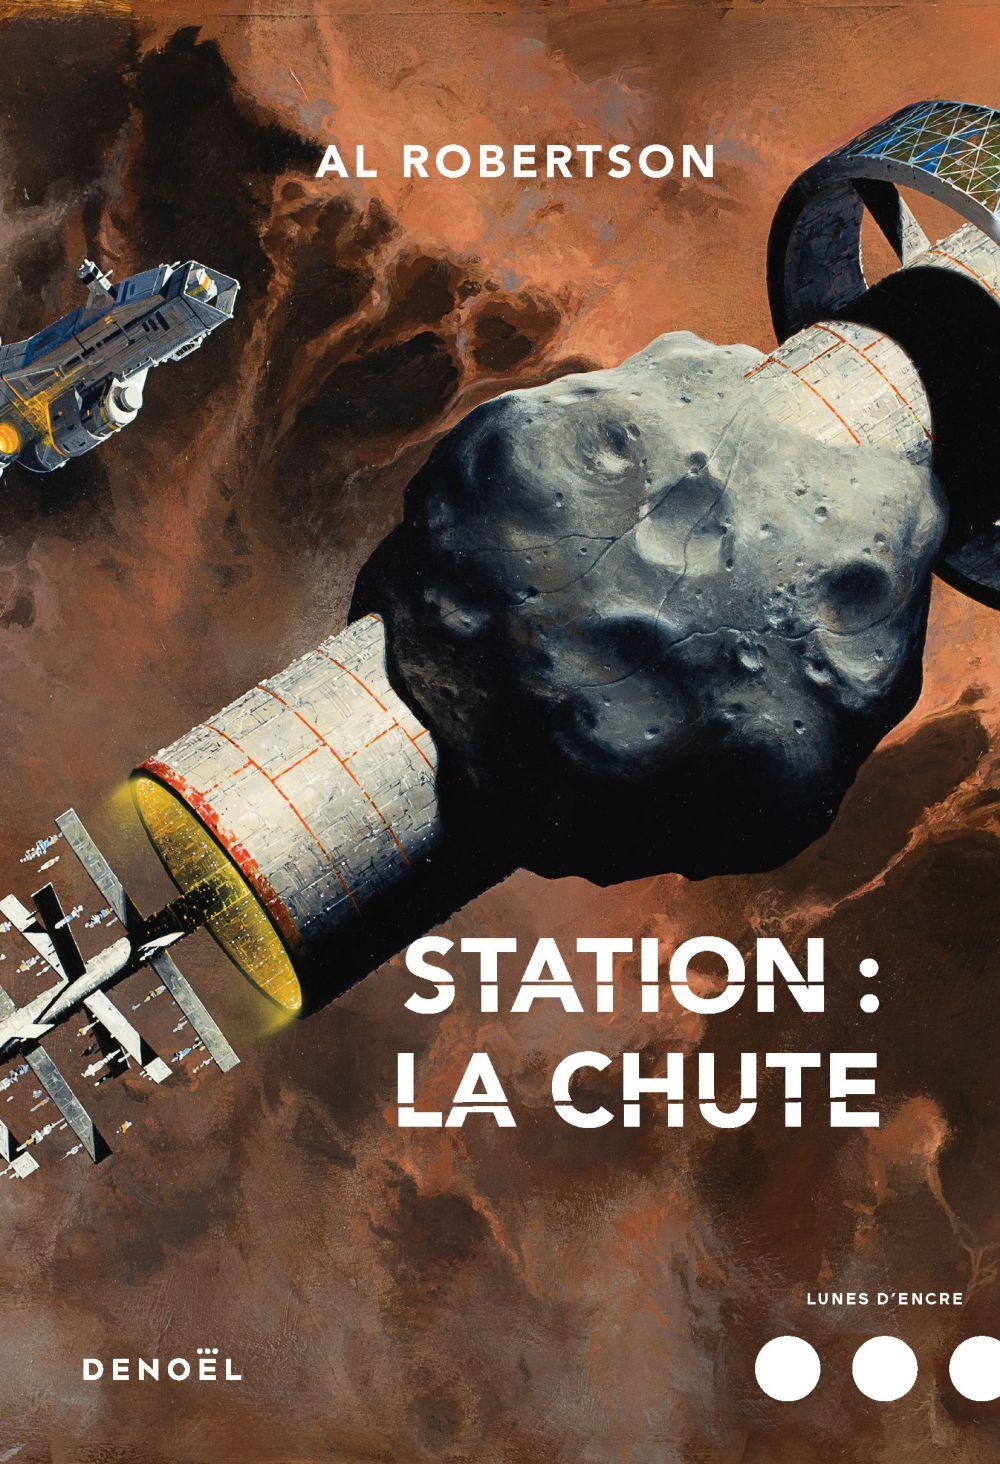 Station : La chute |